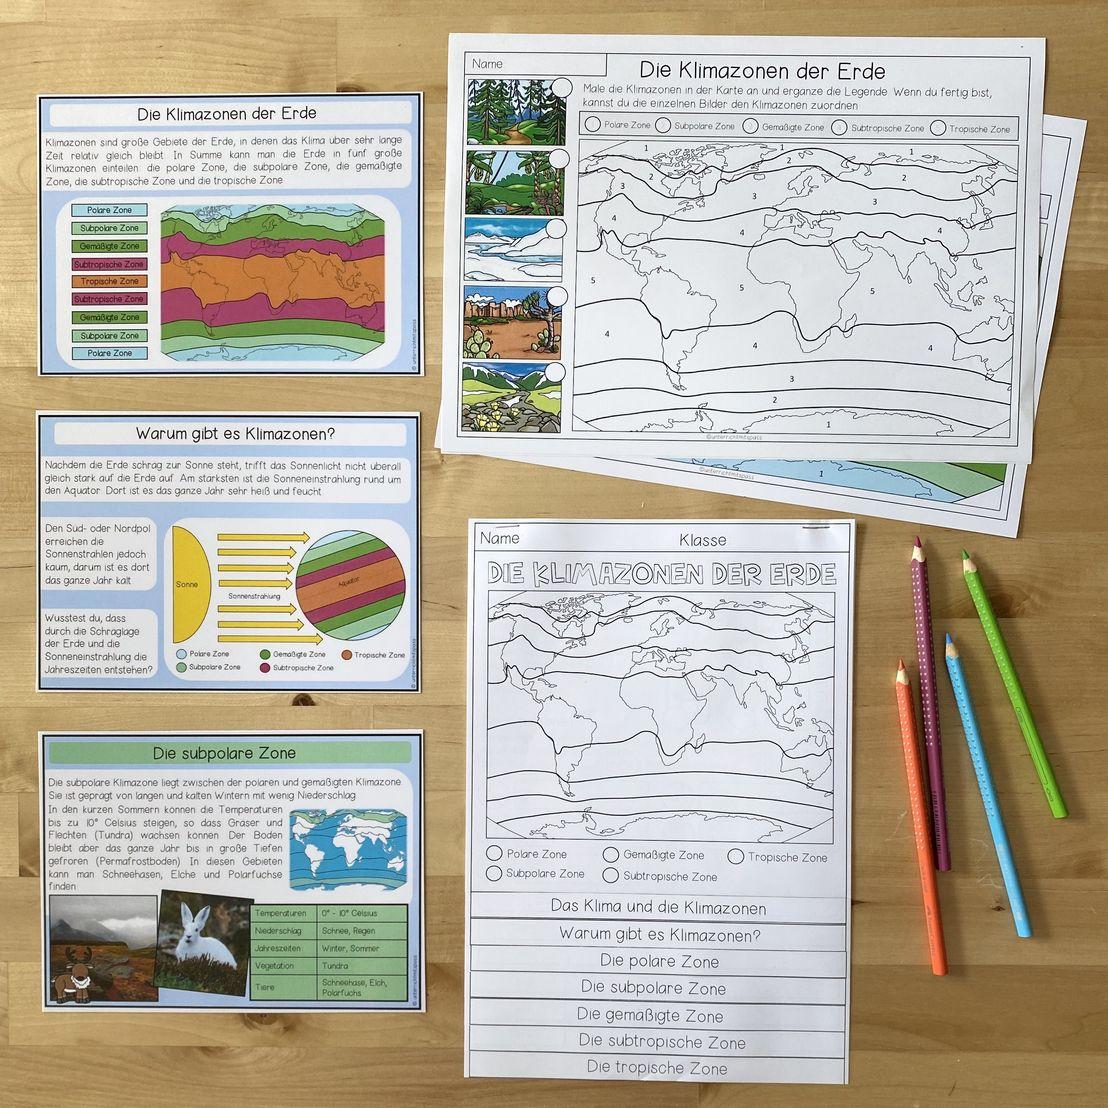 Die Klimazonen der Erde   Lernwerkstatt Materialpaket –  Unterrichtsmaterial im Fach Erdkunde